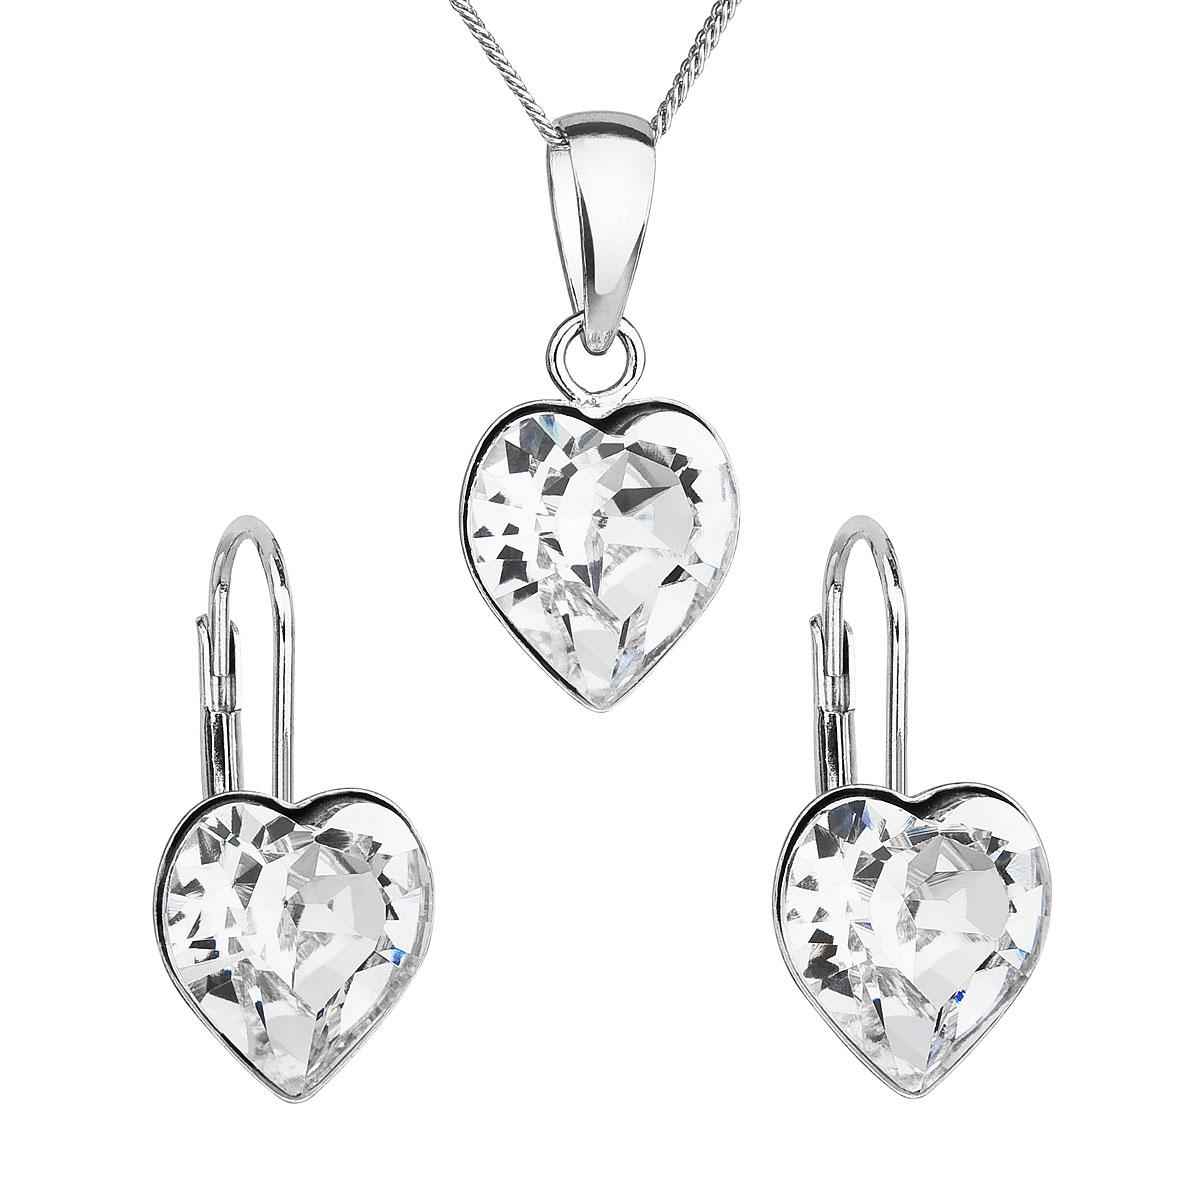 Sada šperkov s krištáľmi Swarovski náušnice, retiazka a prívesok biele srdce 39141.1